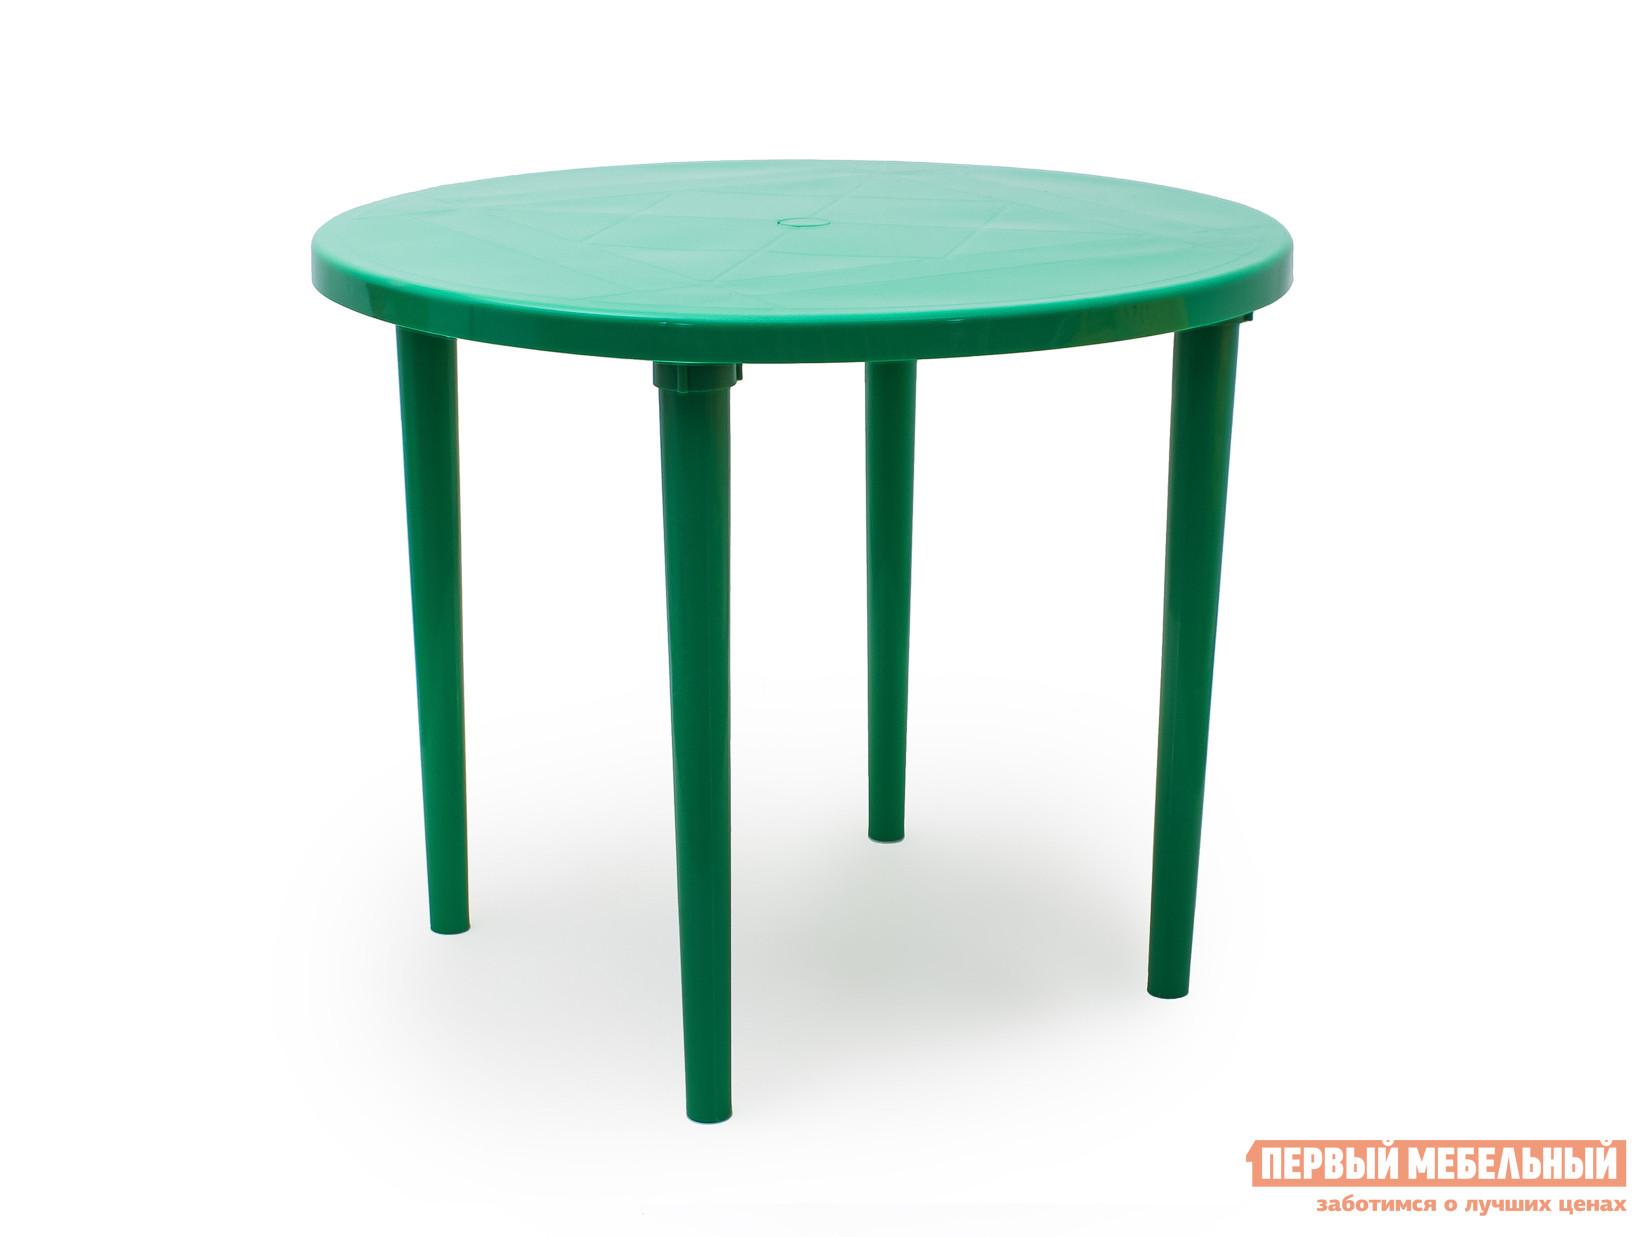 Фото Стол Стандарт Пластик Стол круглый, д. 900 мм Зеленый